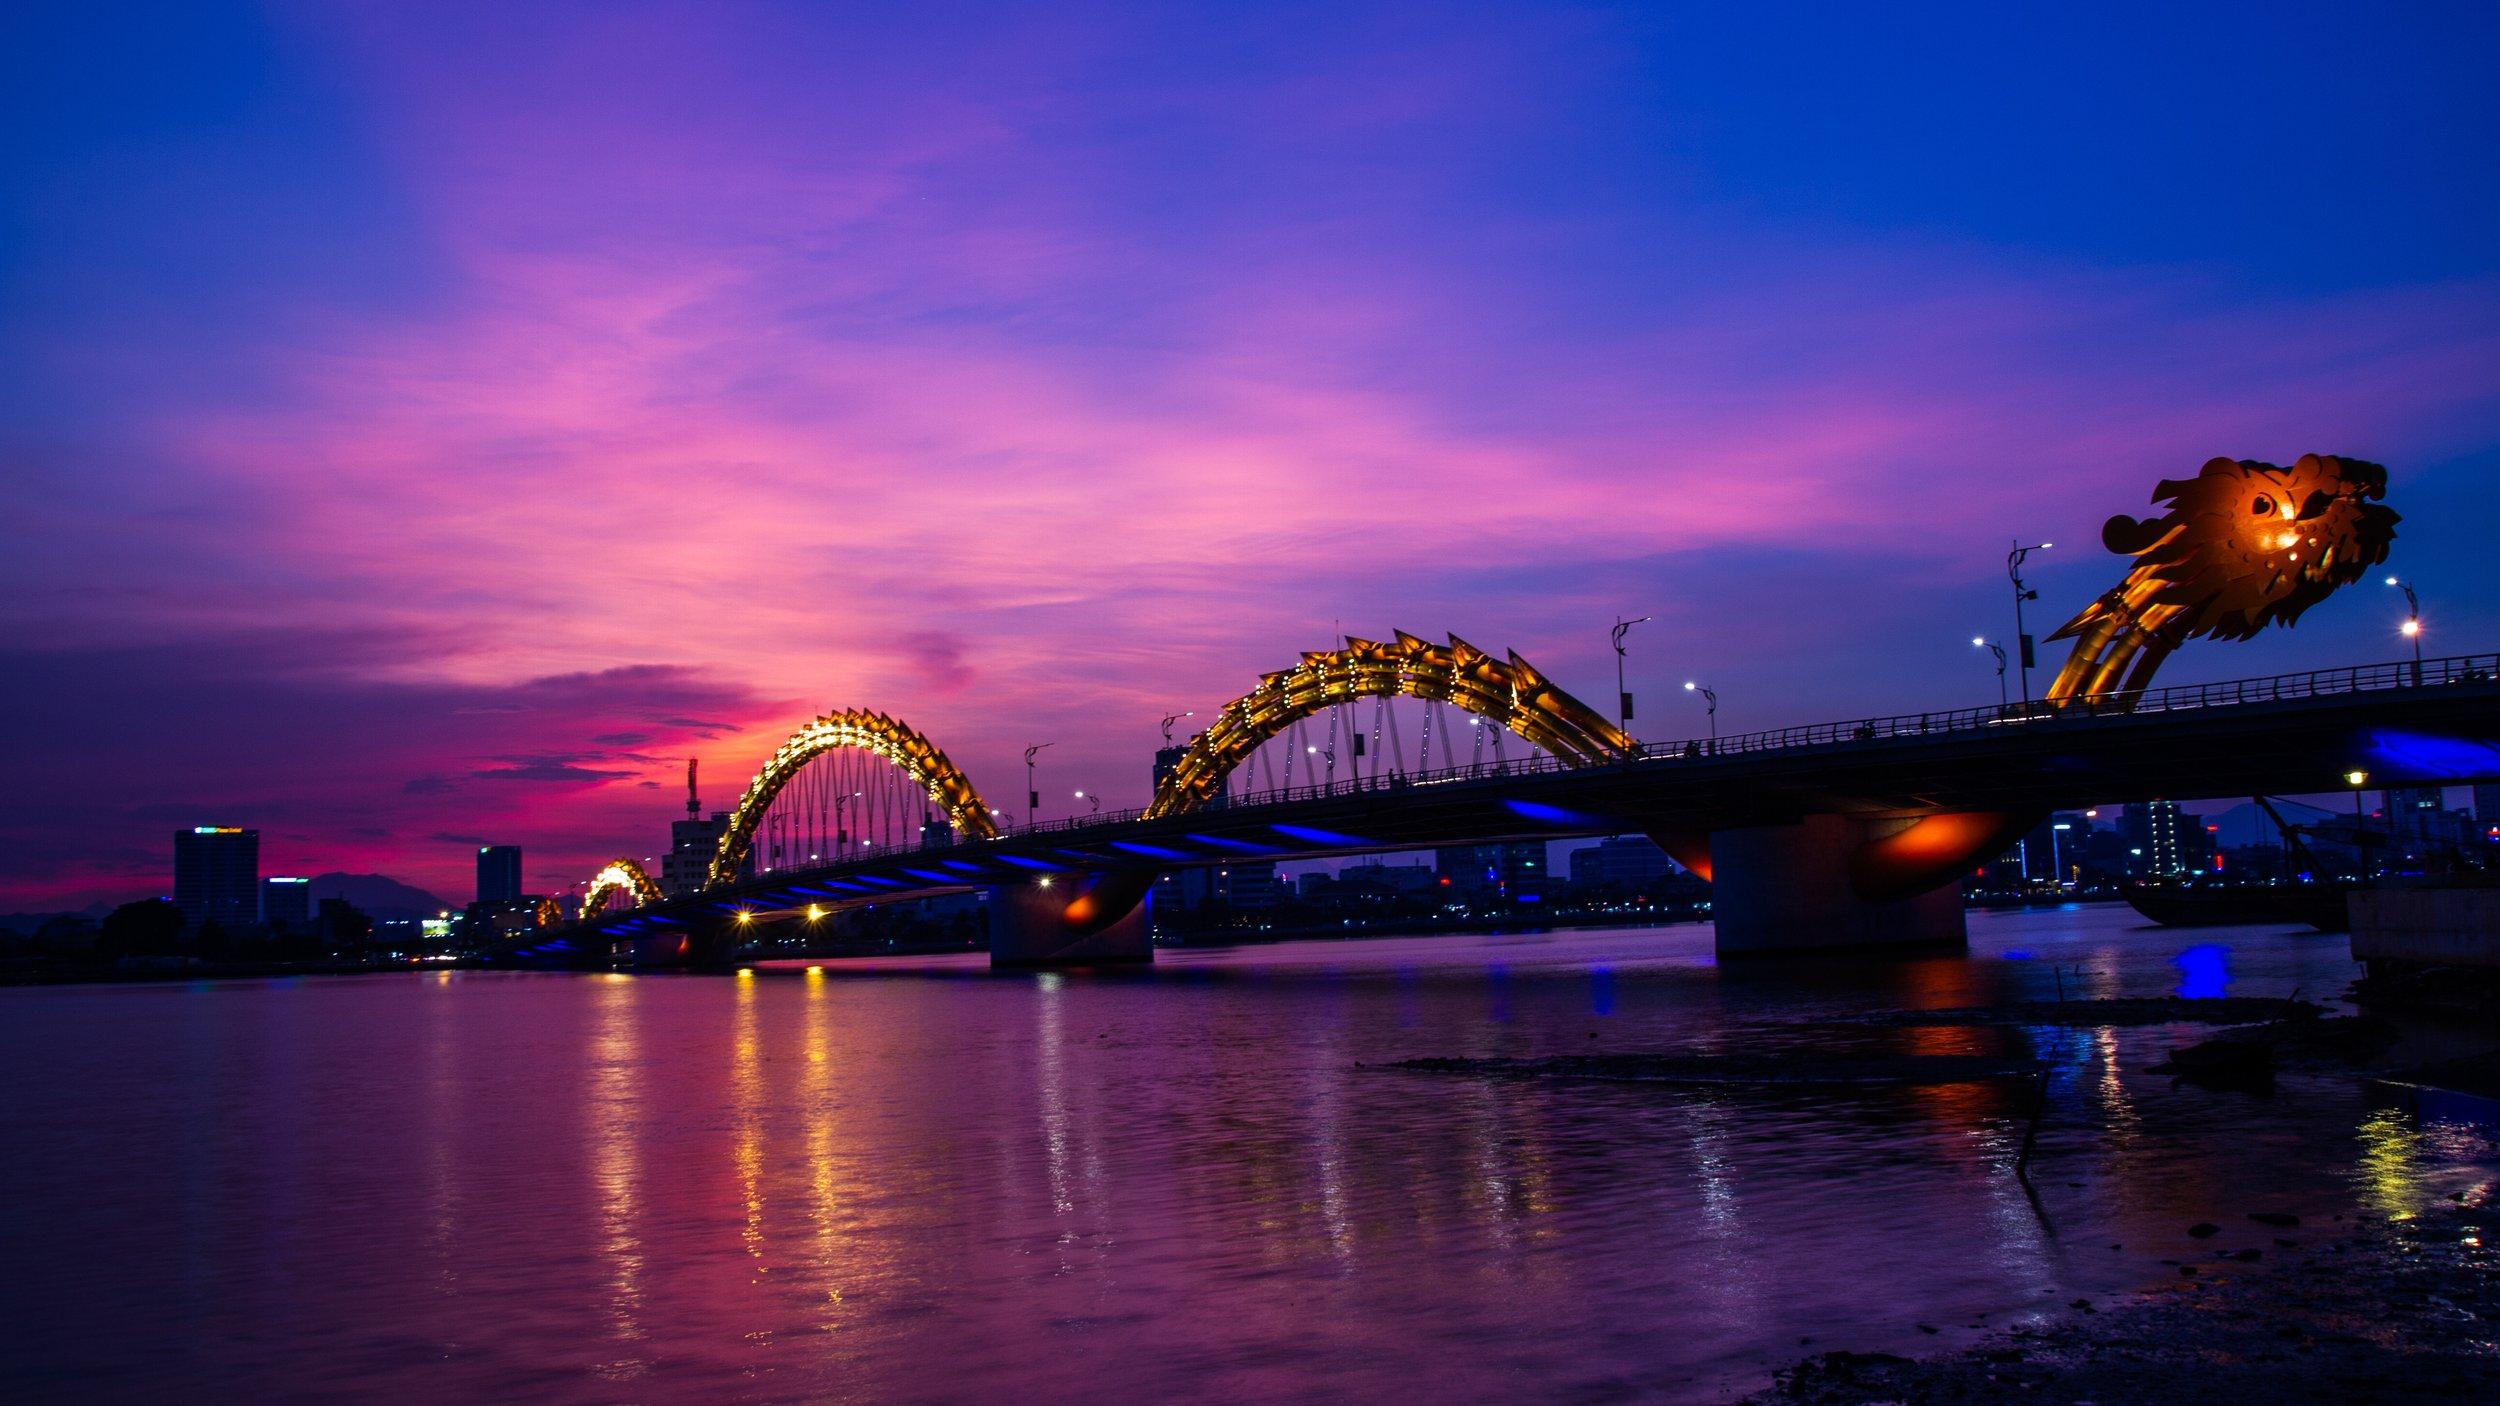 Se acabó lo que se daba. - Día 10.- Hanoi - EspañaDesayuno y tiempo libre hasta la hora de nuestro traslado (3 hrs de antelación de la hora de su vuelo).